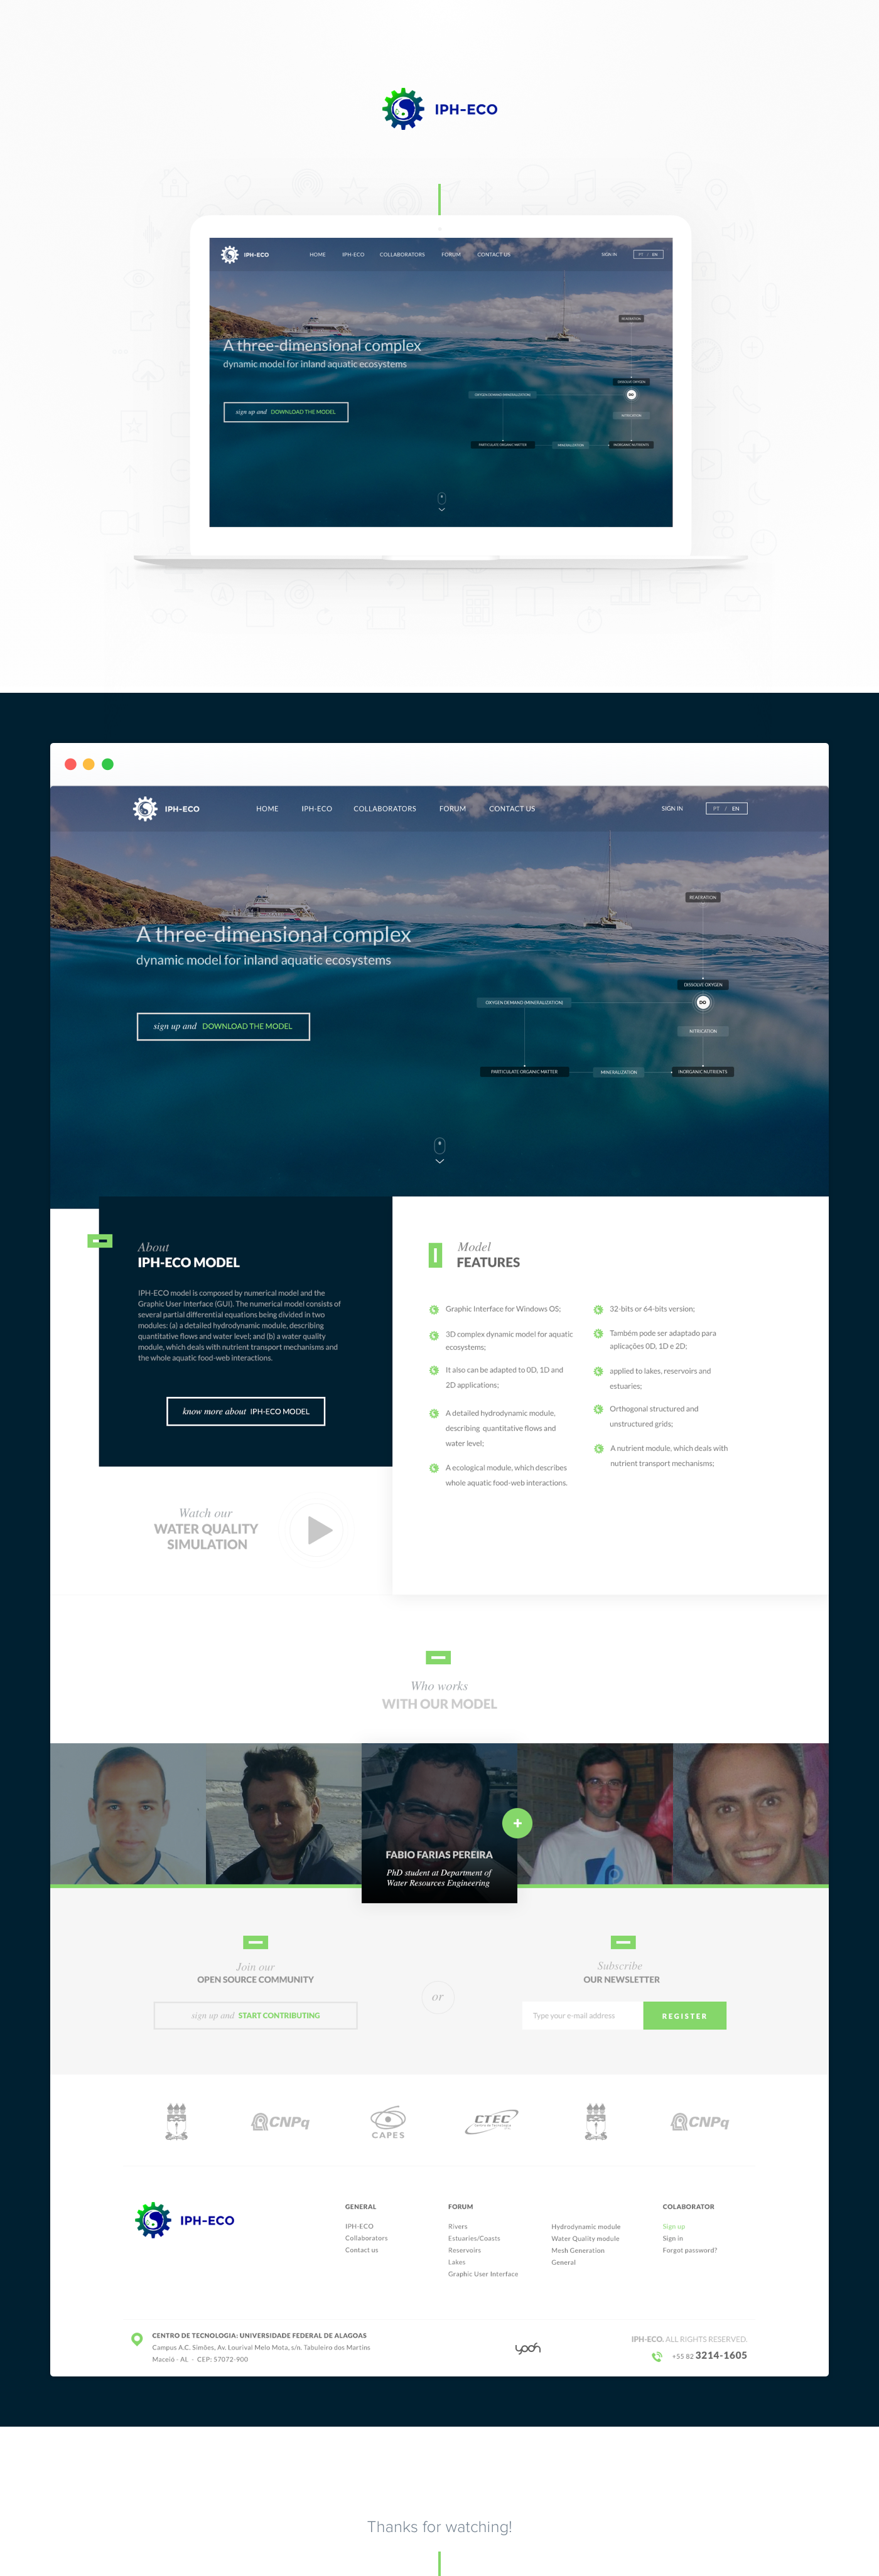 ux,UI,design,front-end,back-end,photoshop,Website,forum